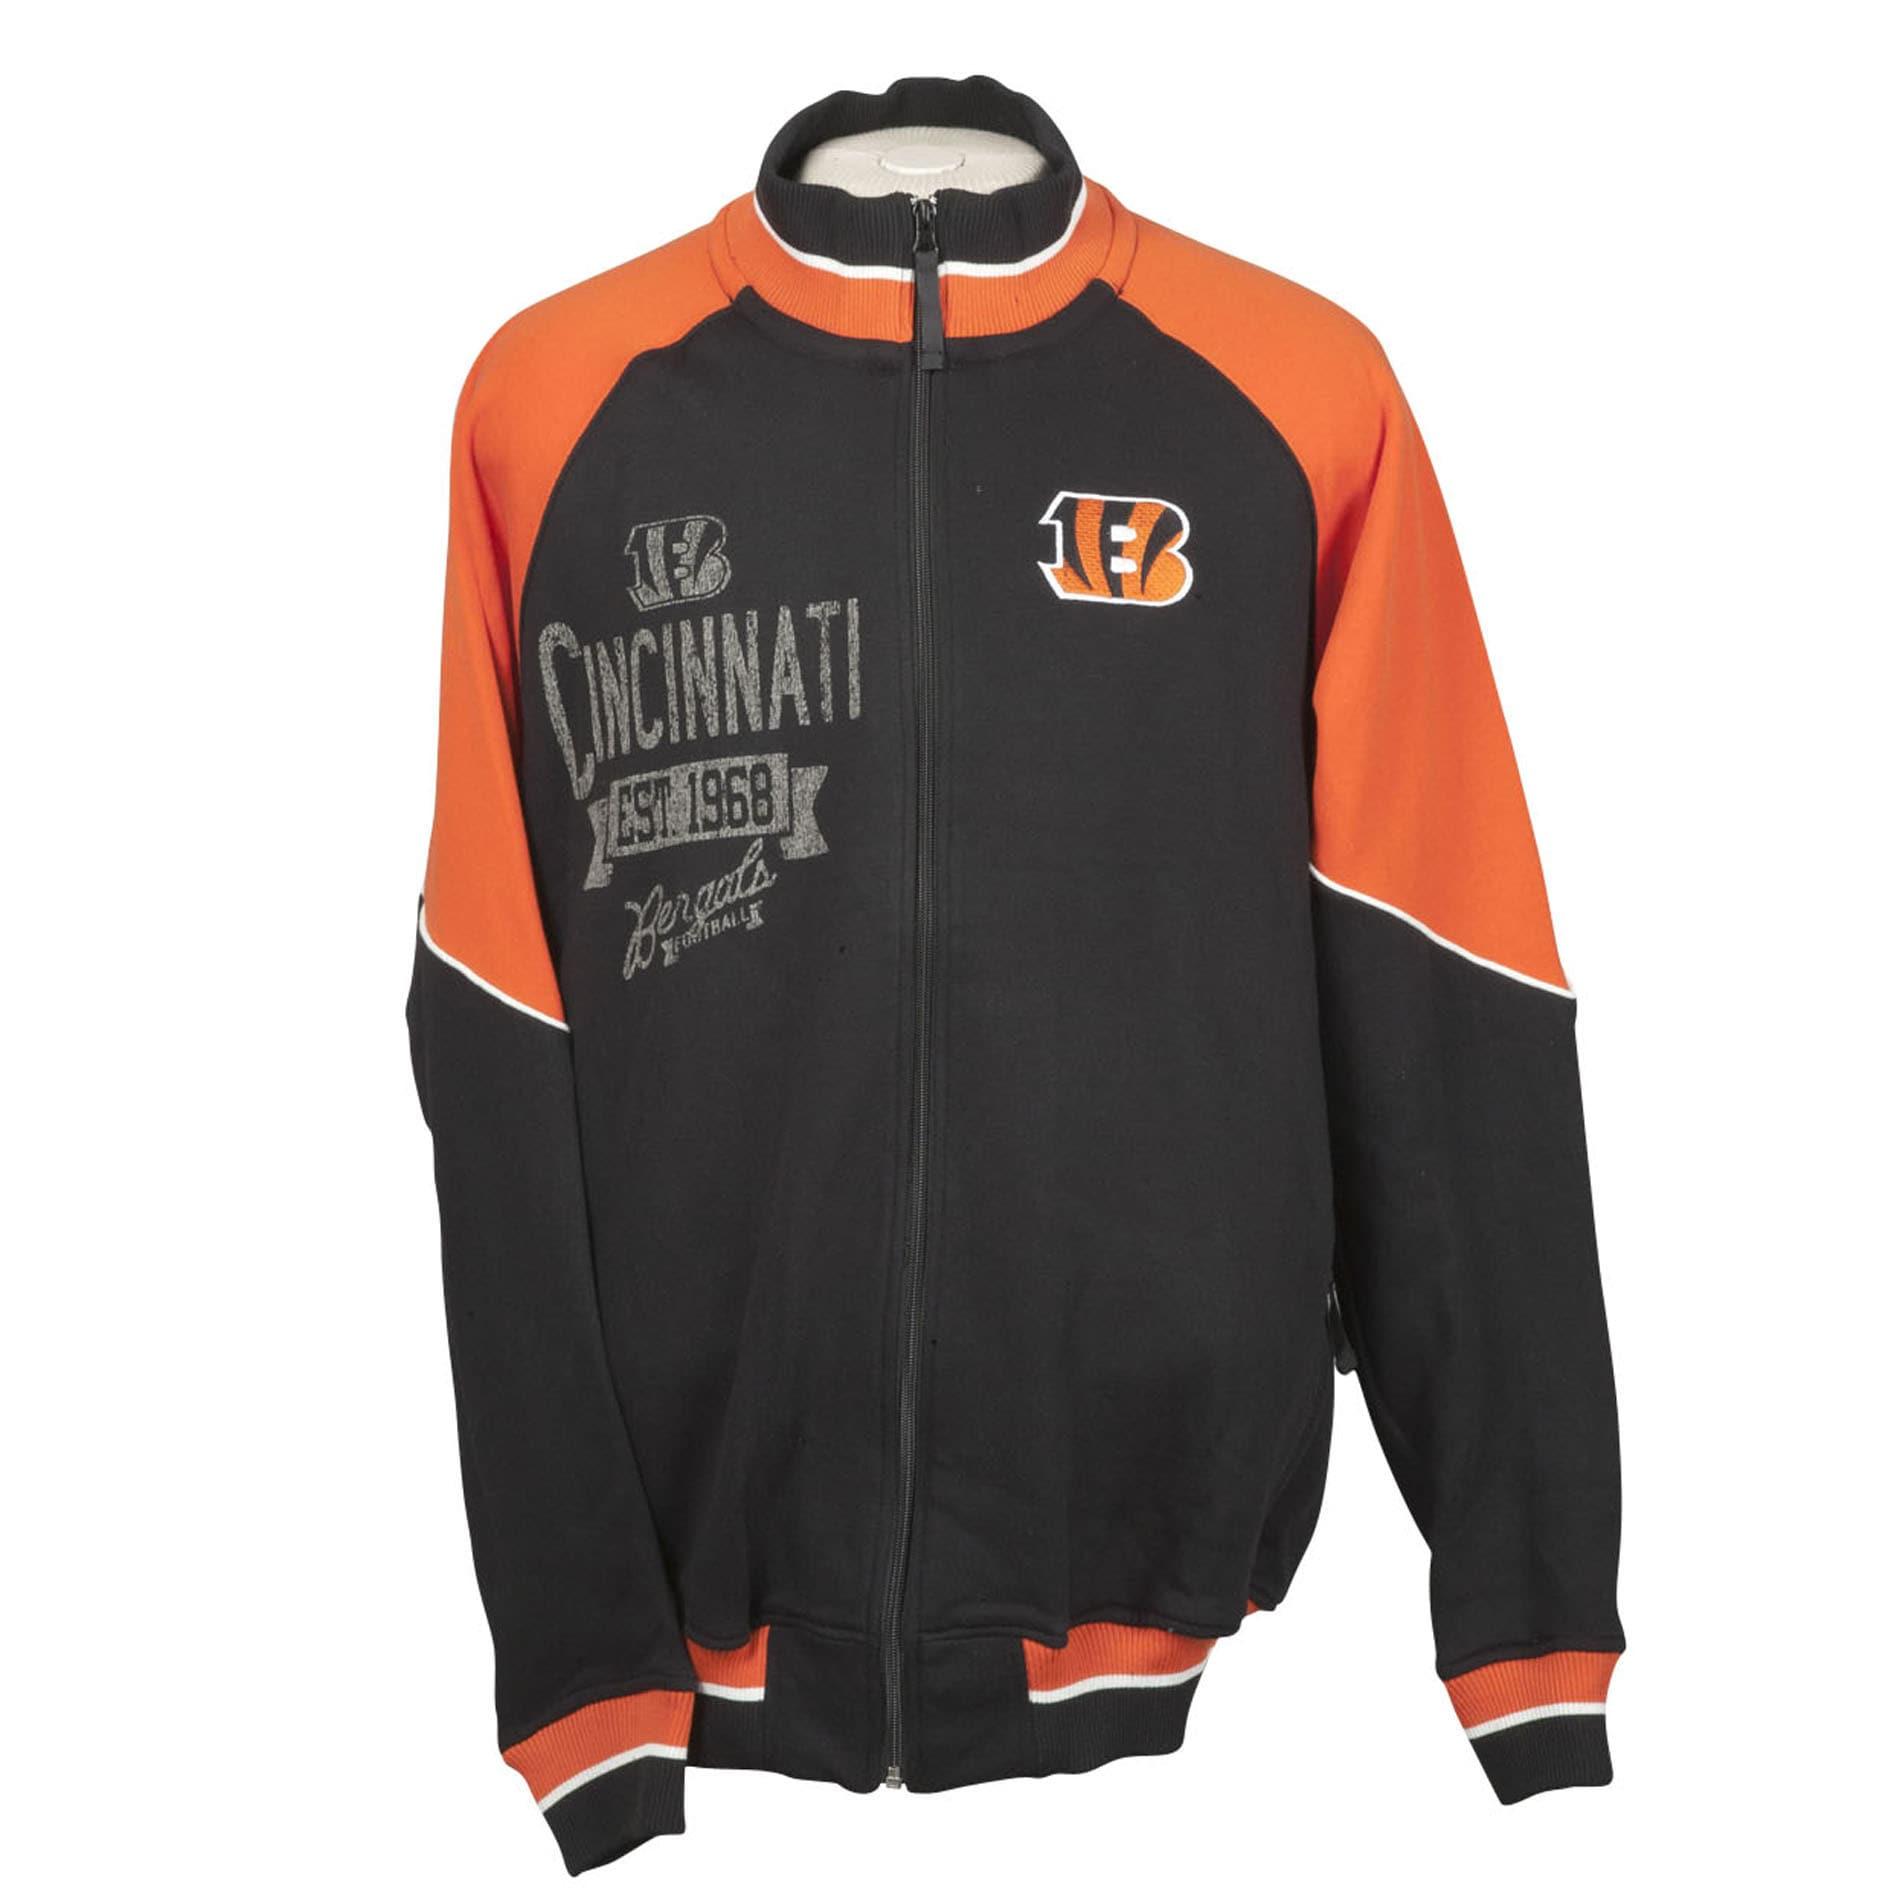 Cincinnati Bengals Full Zip Cotton Track Jacket